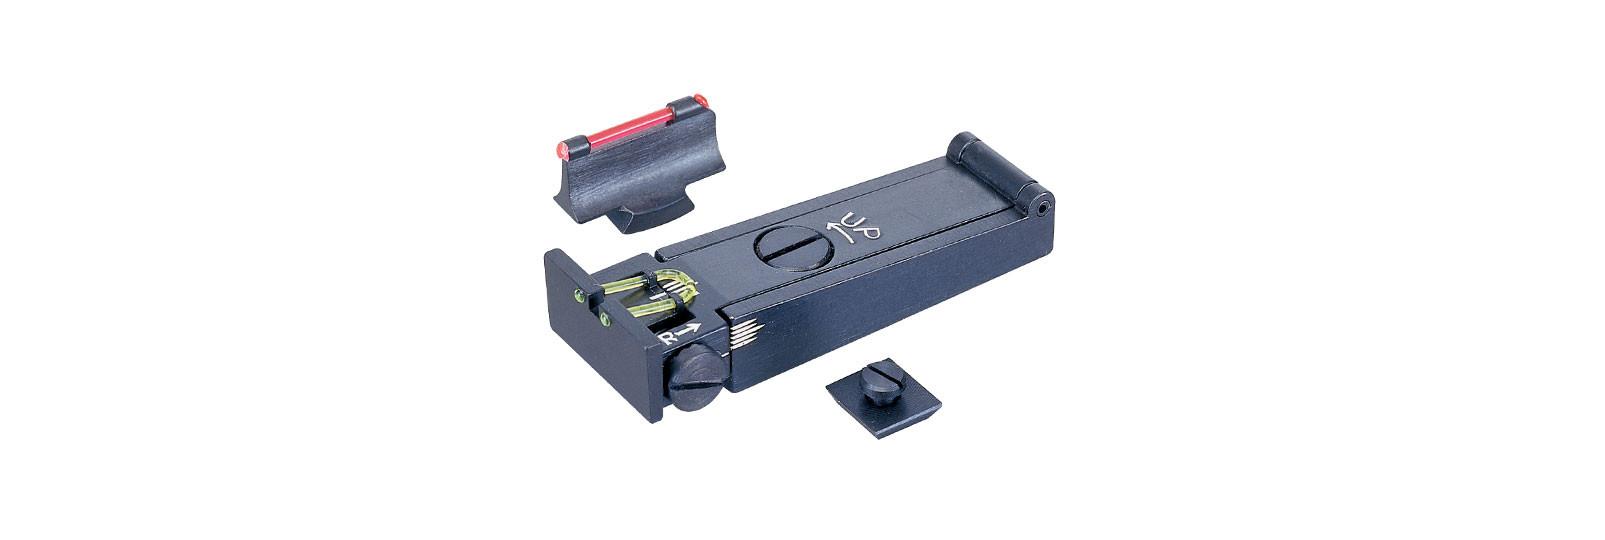 Kodiak rifle front sight and rear sight set